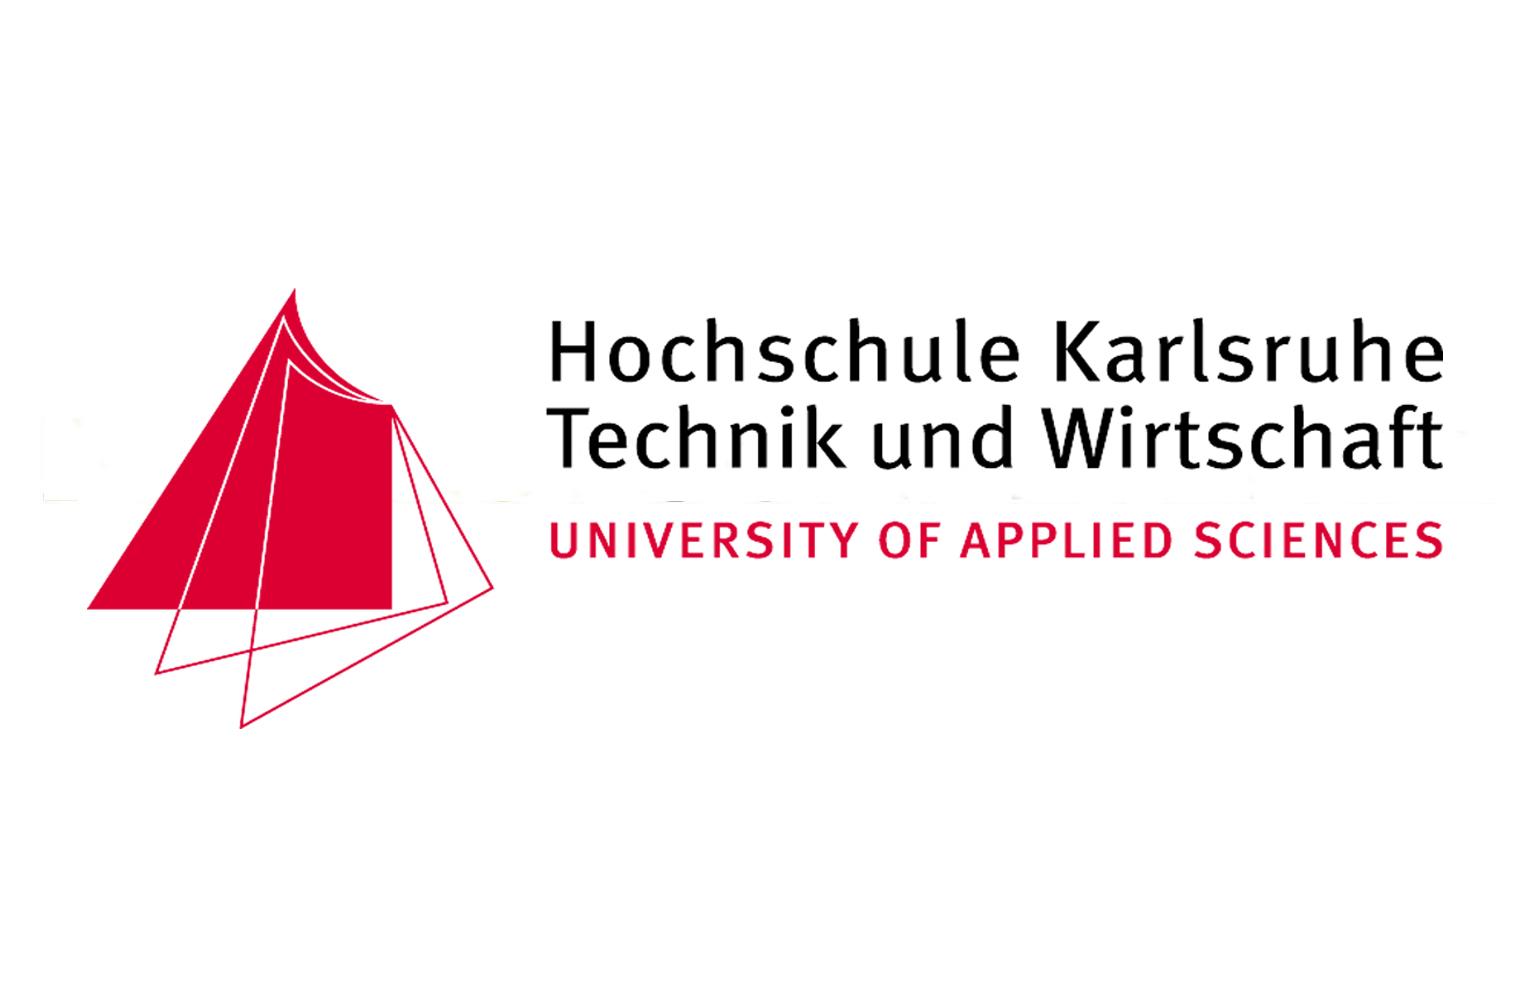 Hochschule Karlsruhe Technik und Wirtschaft logo